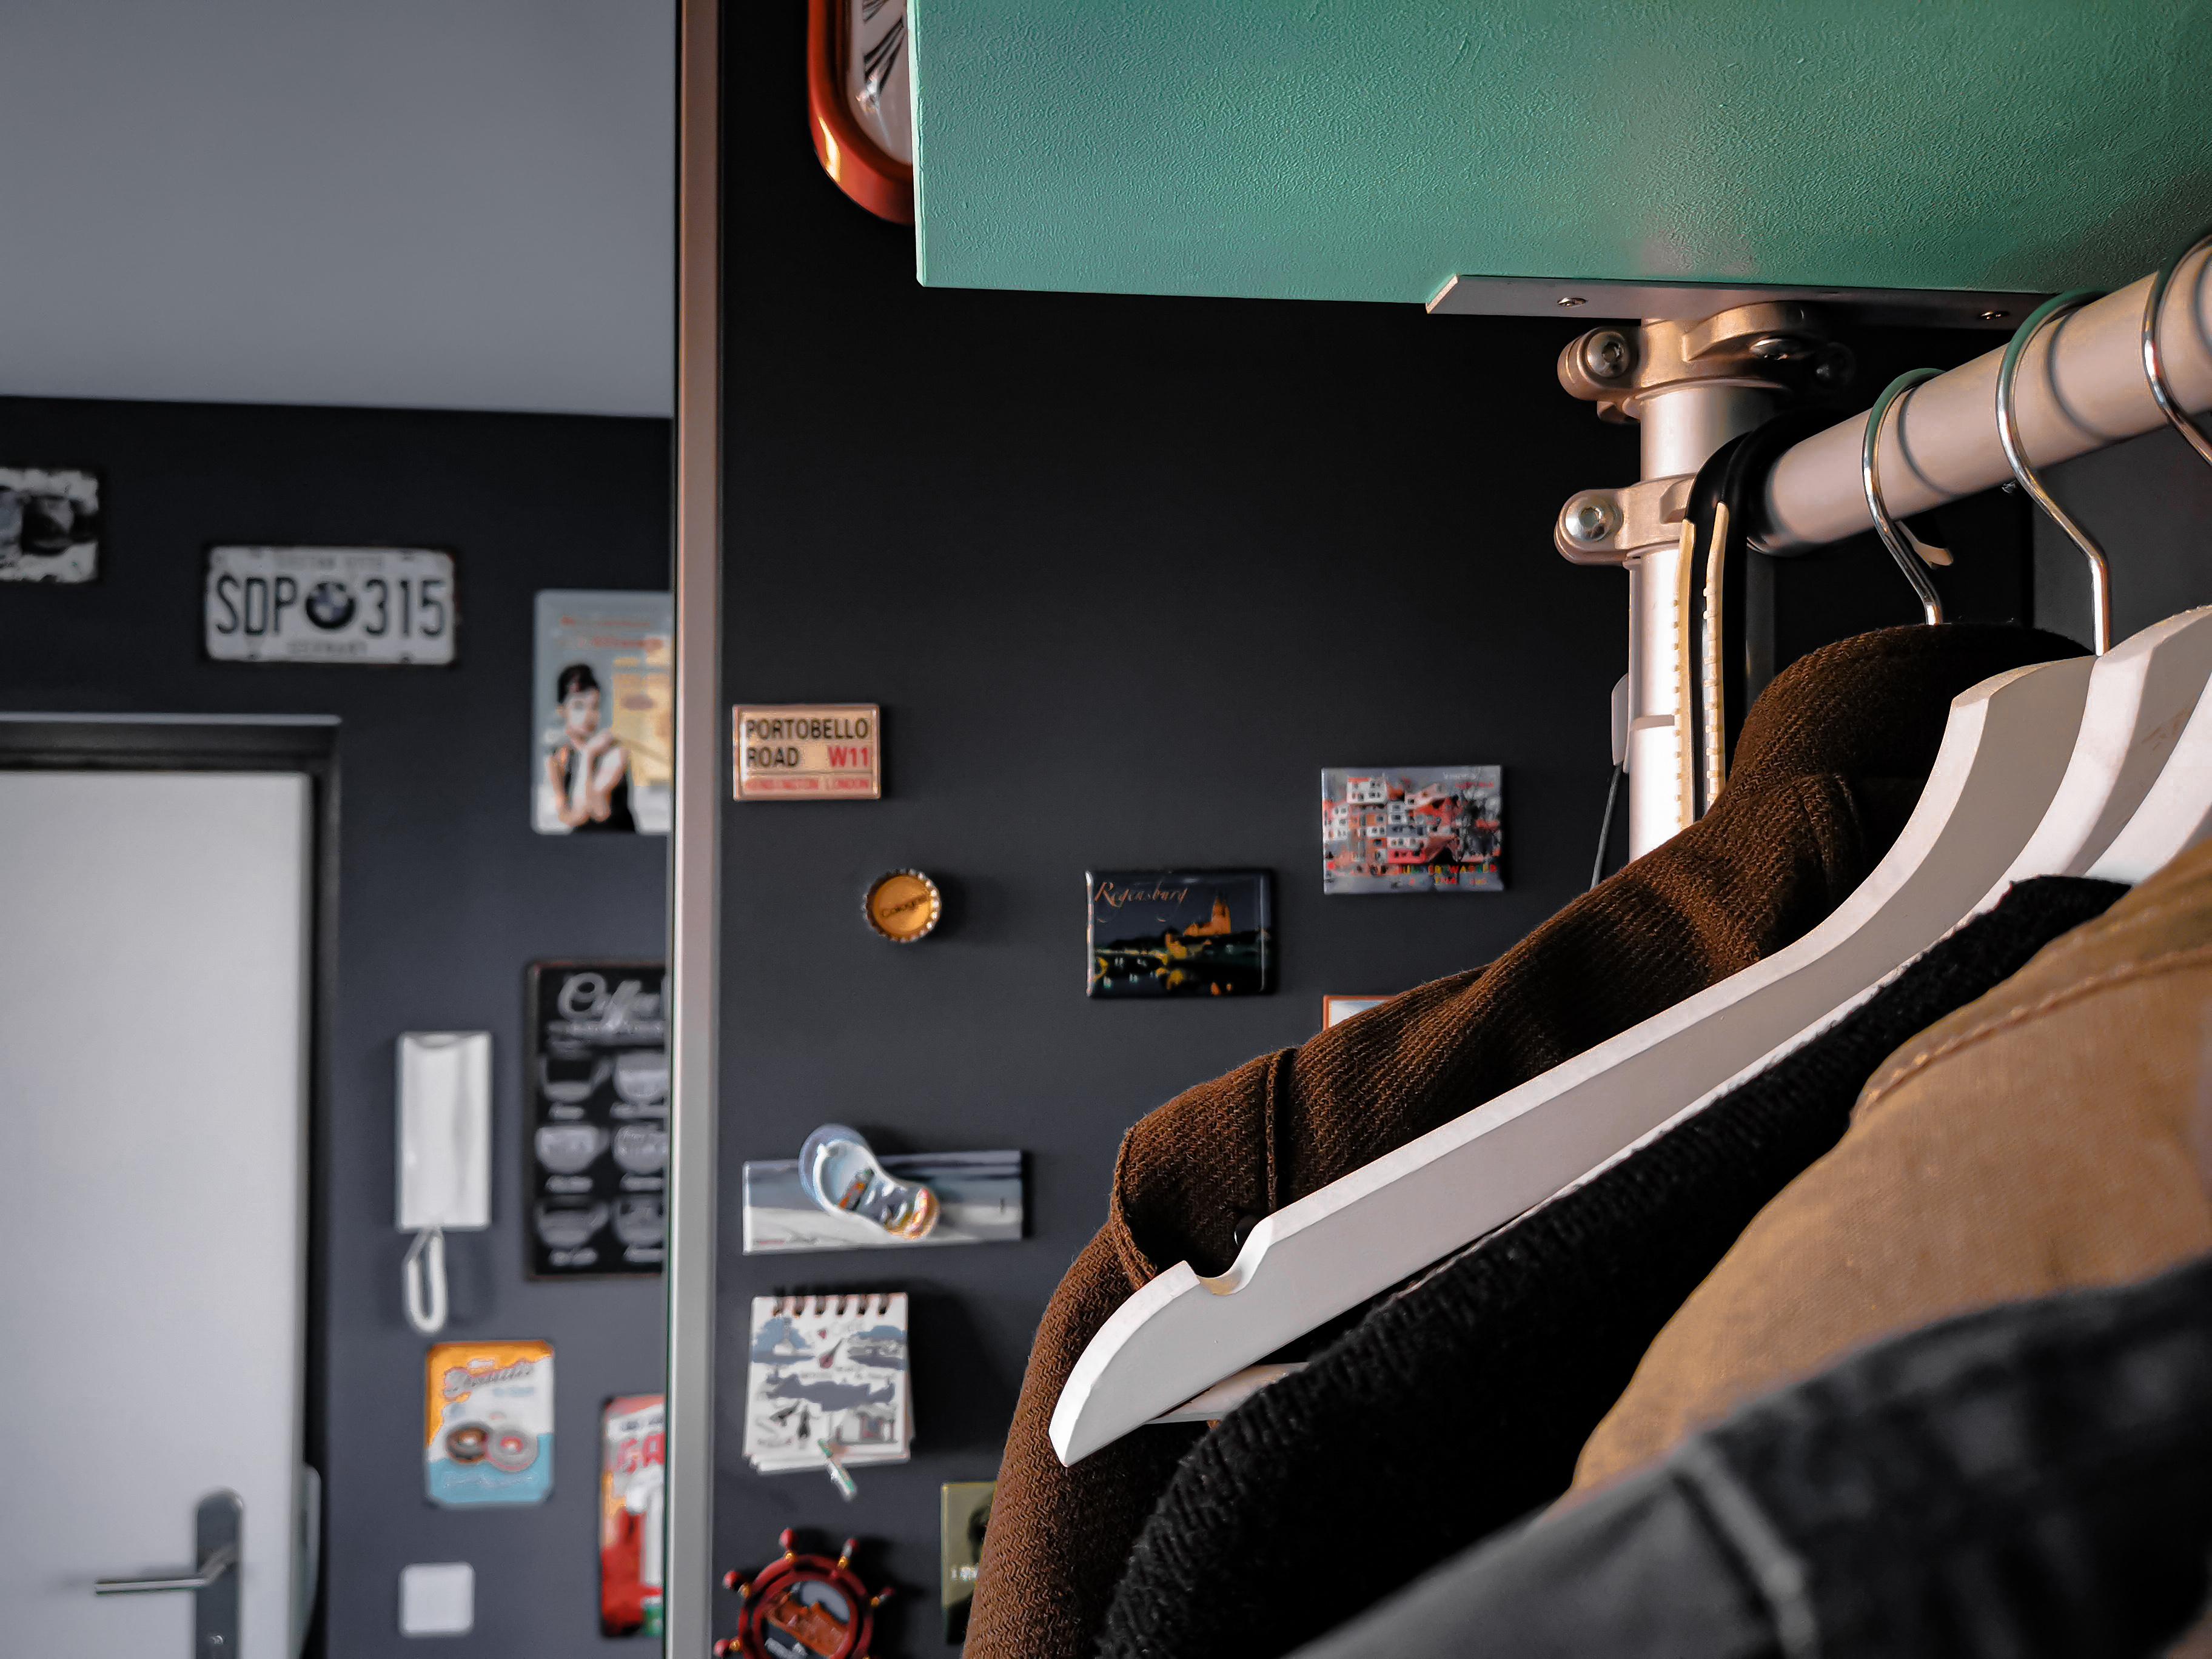 IMG 20200208 155114 1 - Projekt Vorzimmer: 11 DIY-Ideen an einem Ort